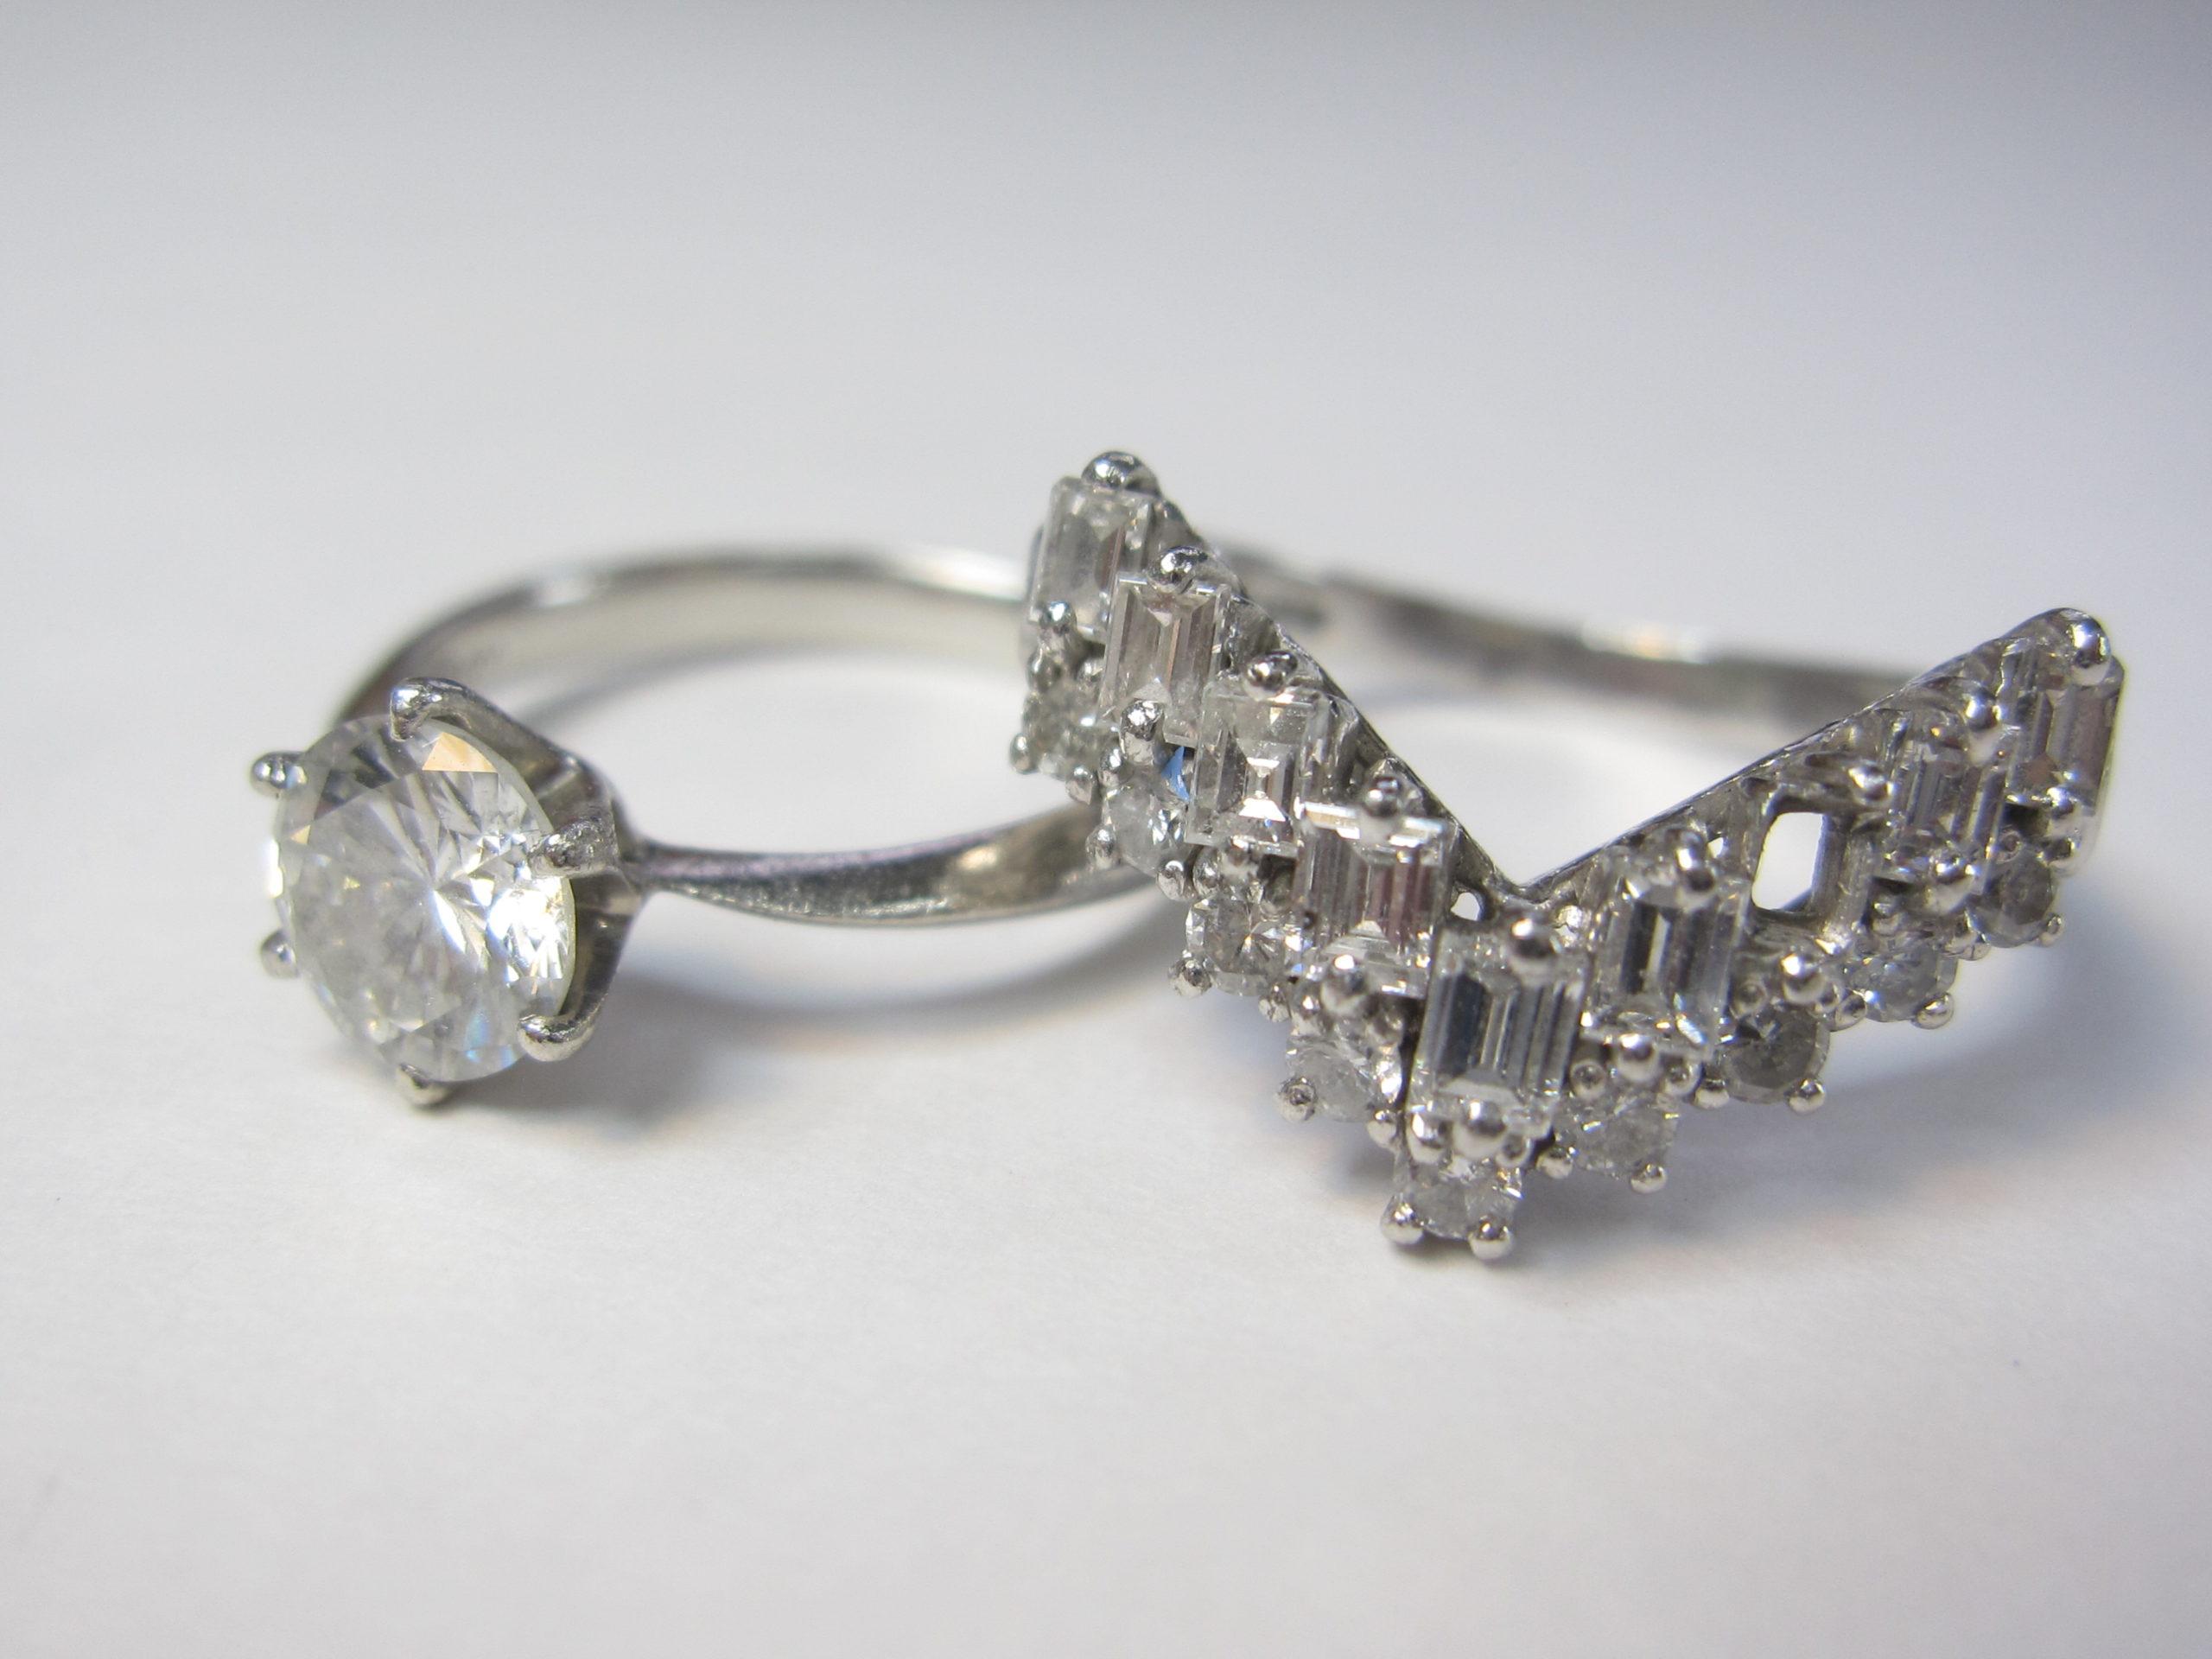 【Before】2本の指輪を1本にリモデル  2本の指輪を1本の指輪に!シンプルデザインで永く使える指輪になりました。